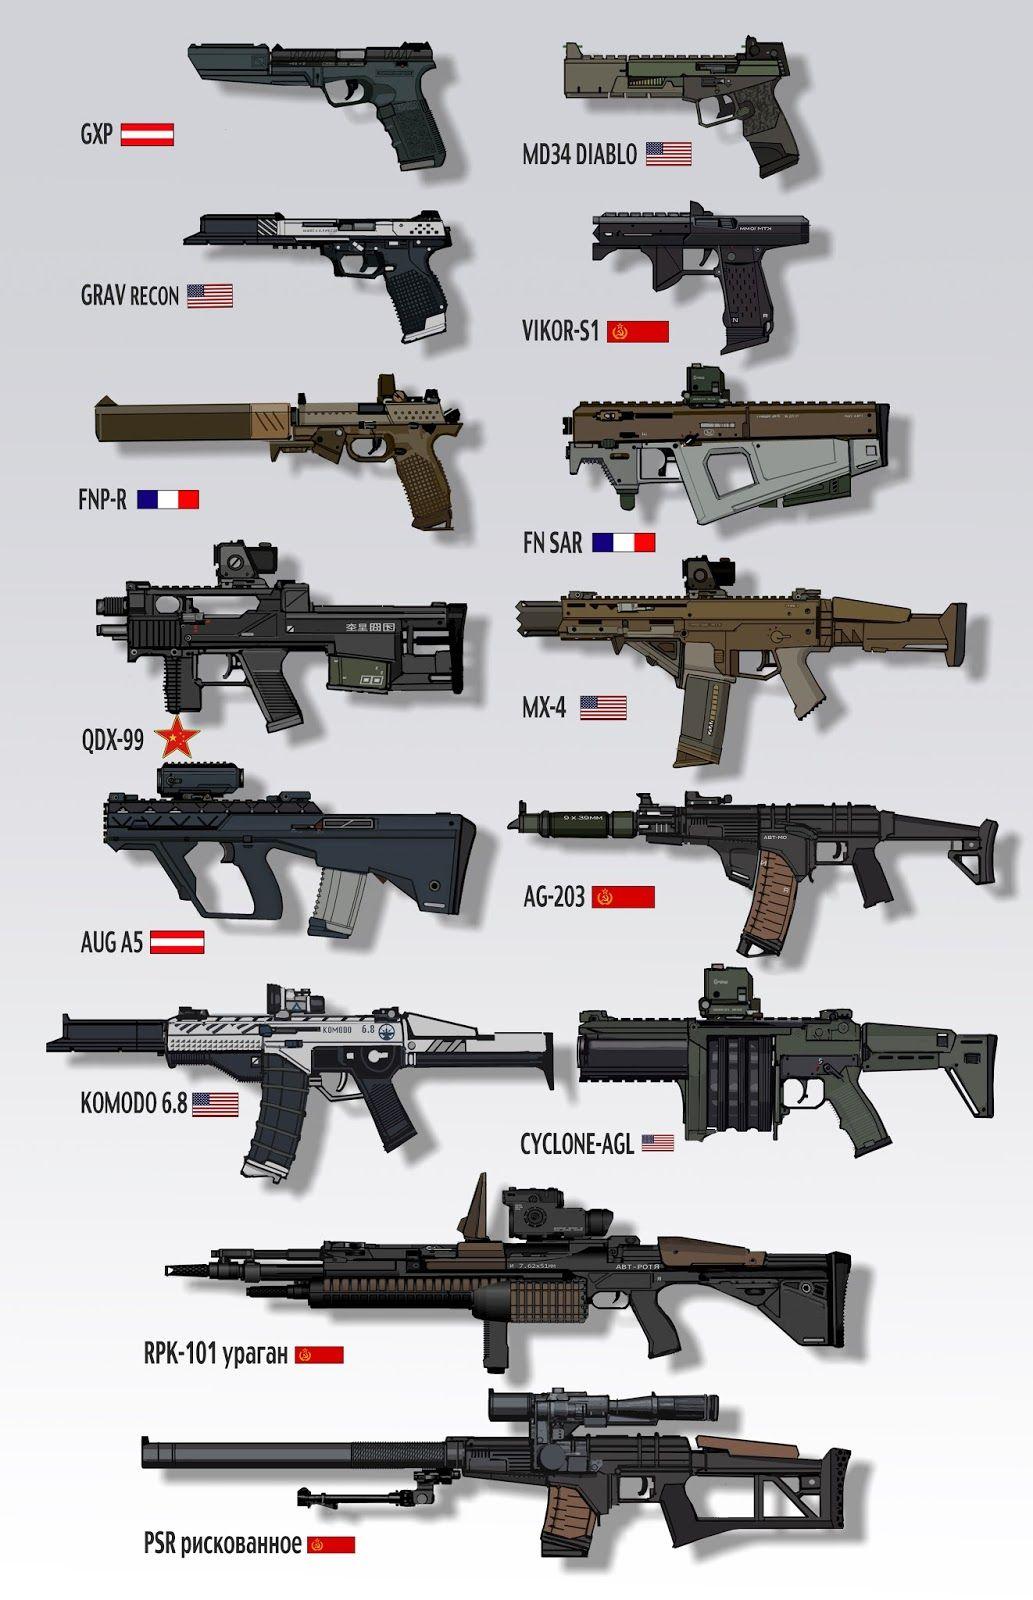 Full_weapons_list.jpg 1,033×1,600픽셀 | Concept art | Pinterest ...